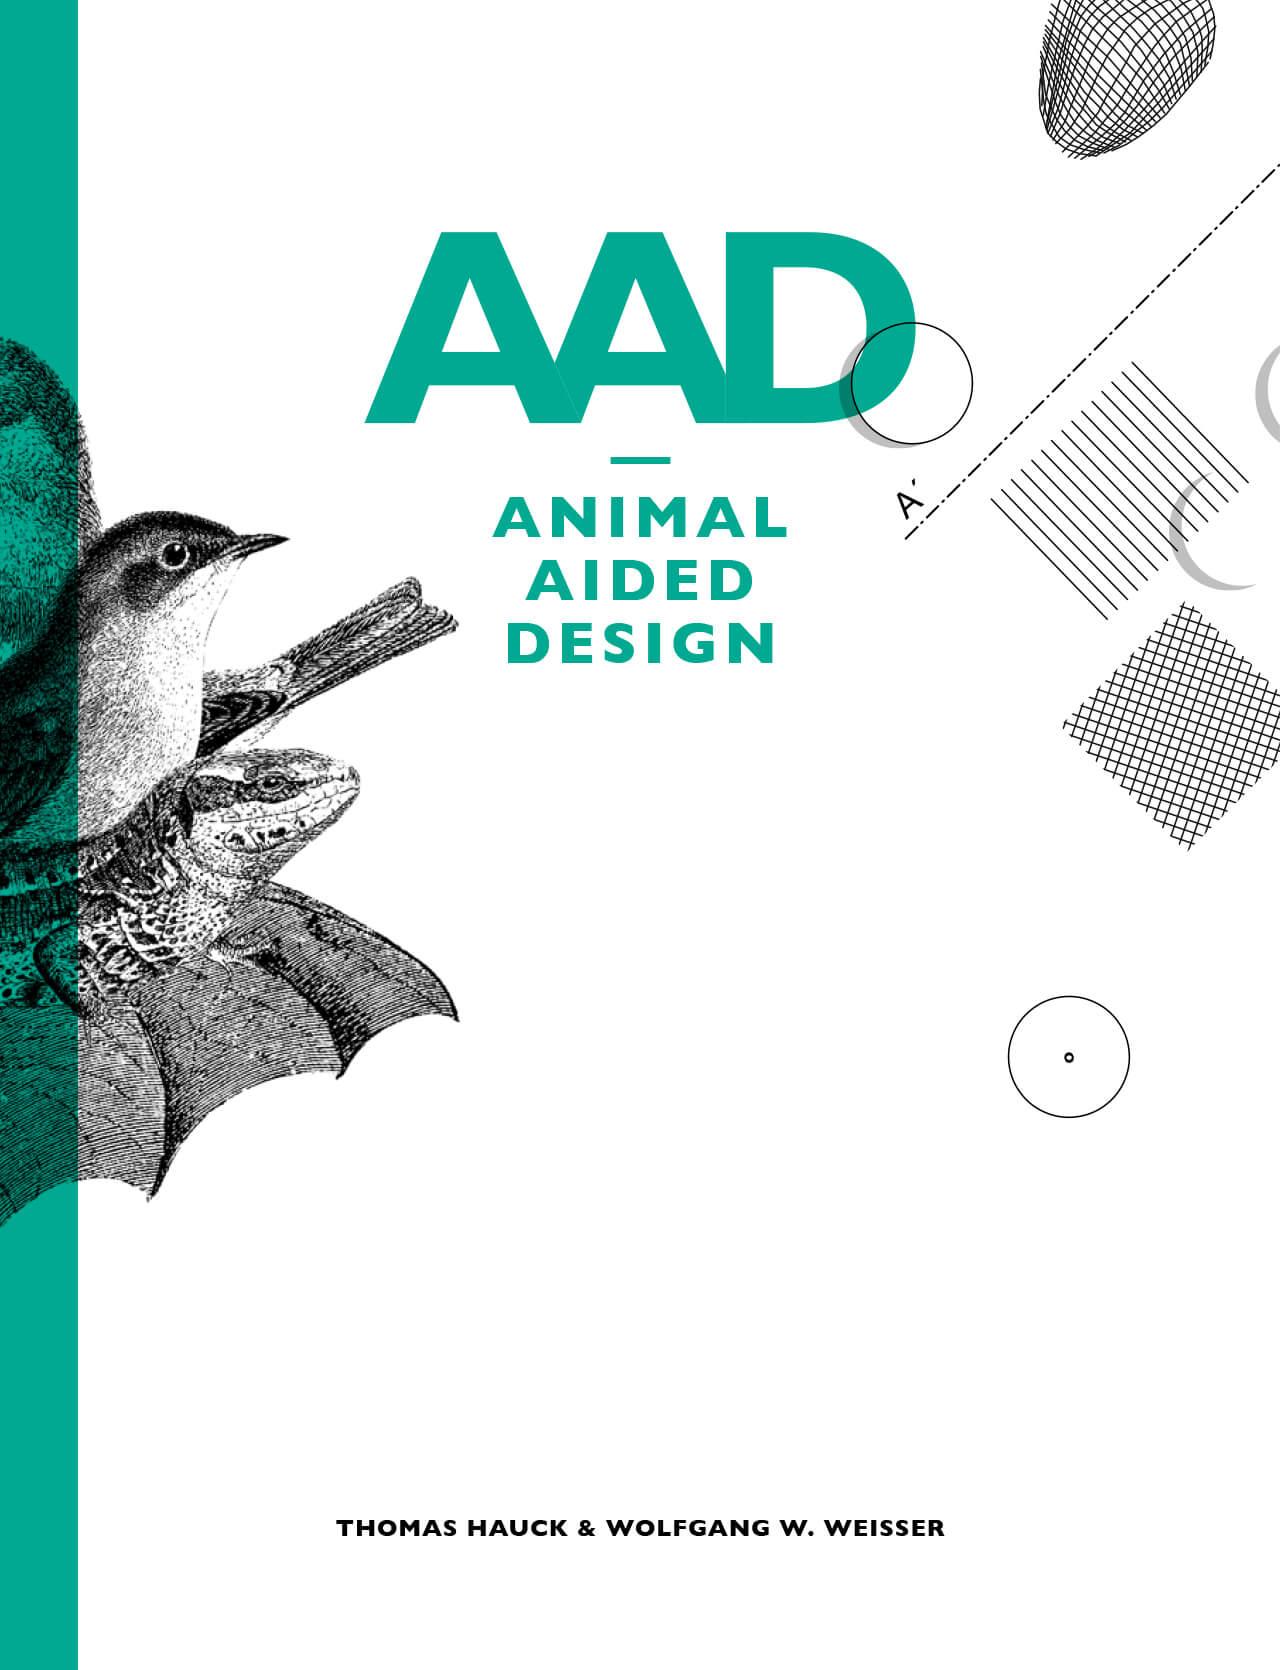 AAD-Publikation-Broschuere-2017-1280